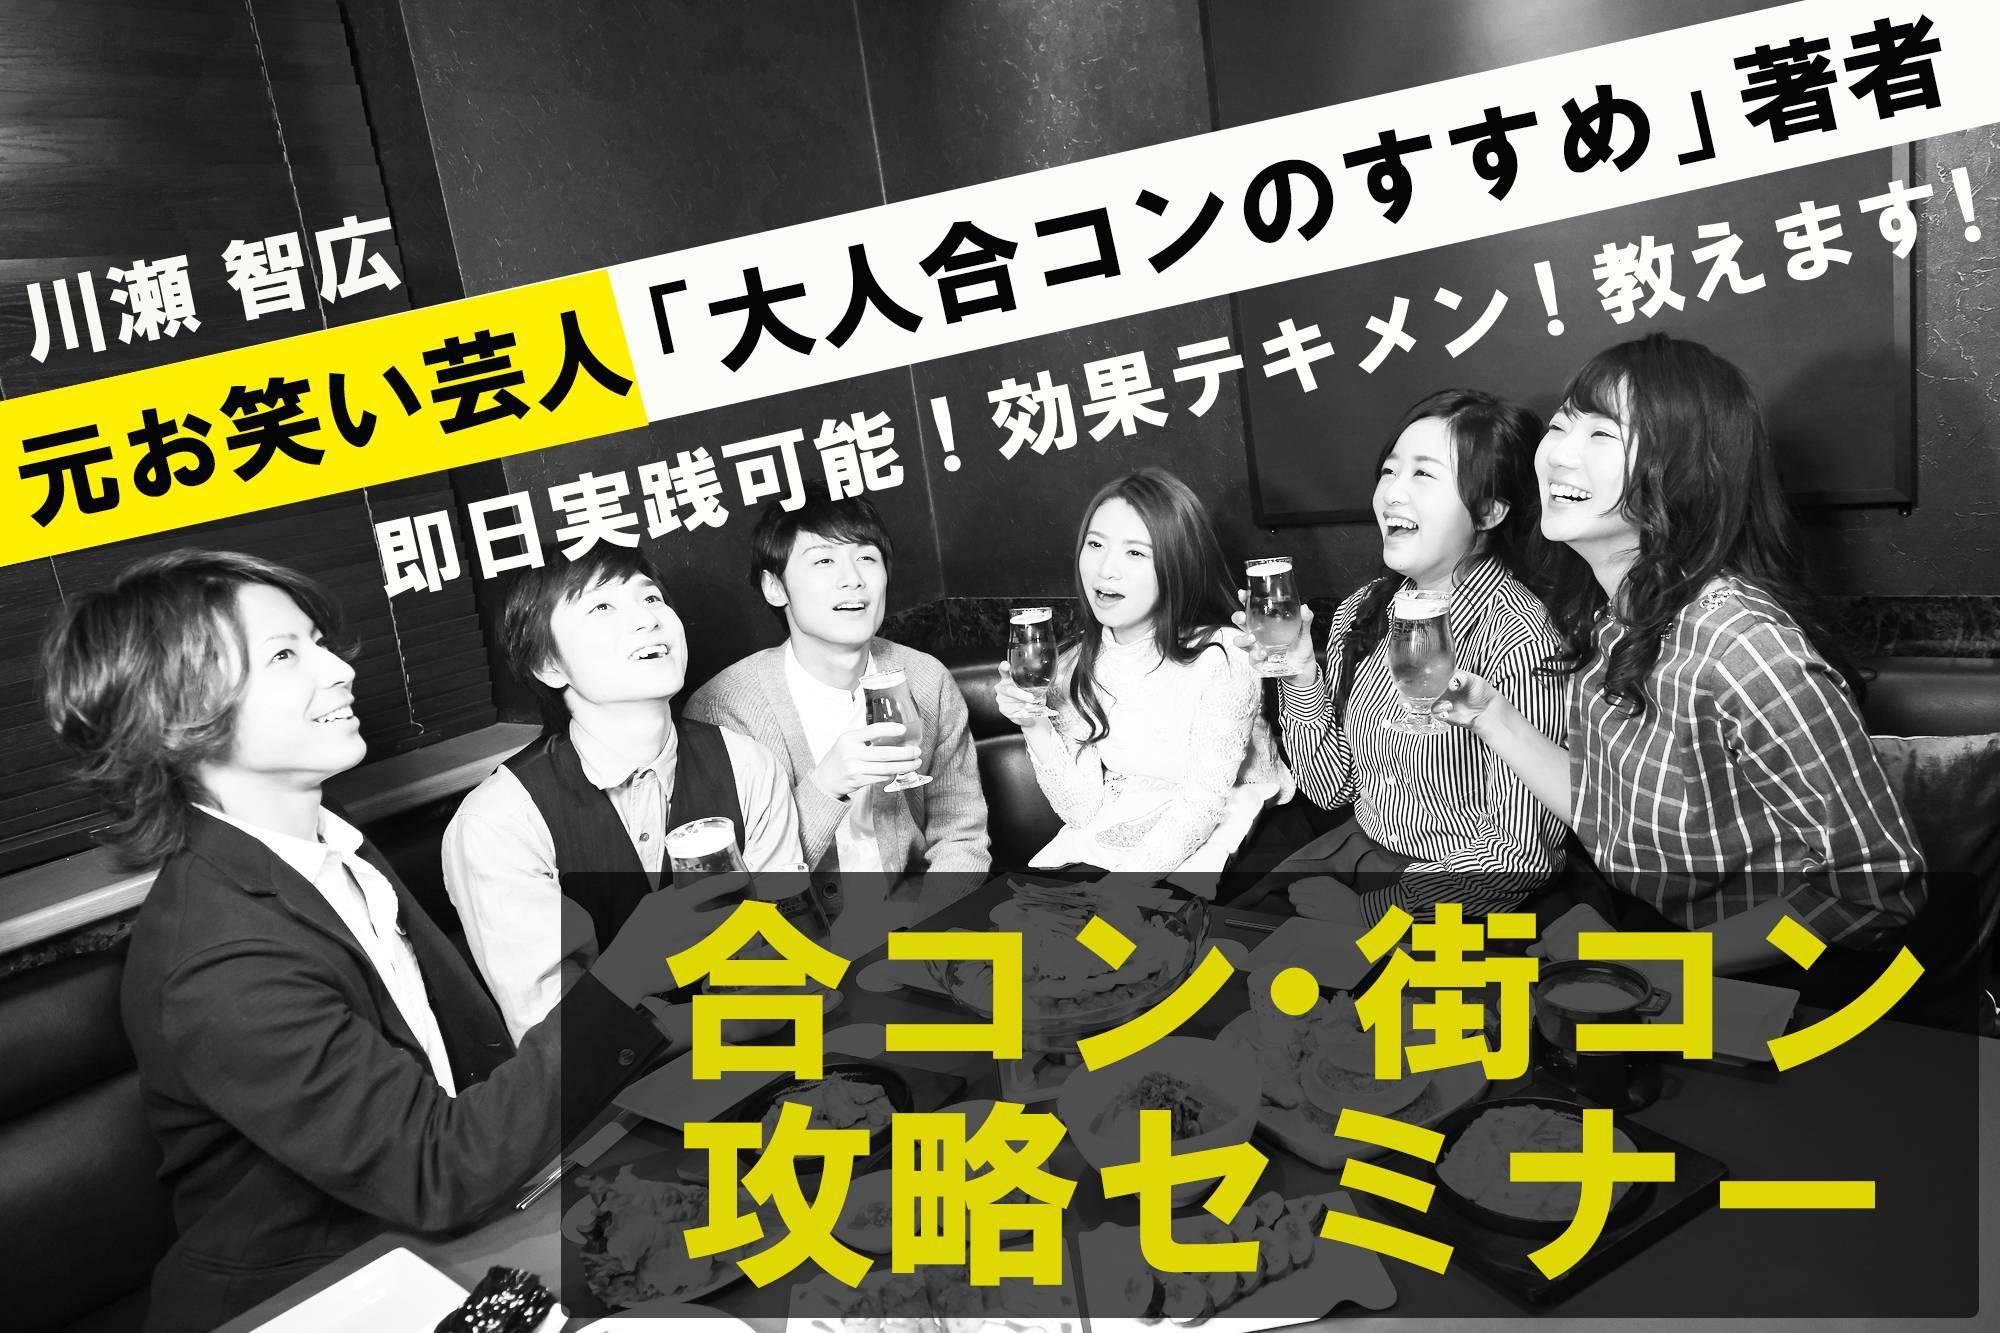 東京の40代向け合コン情報